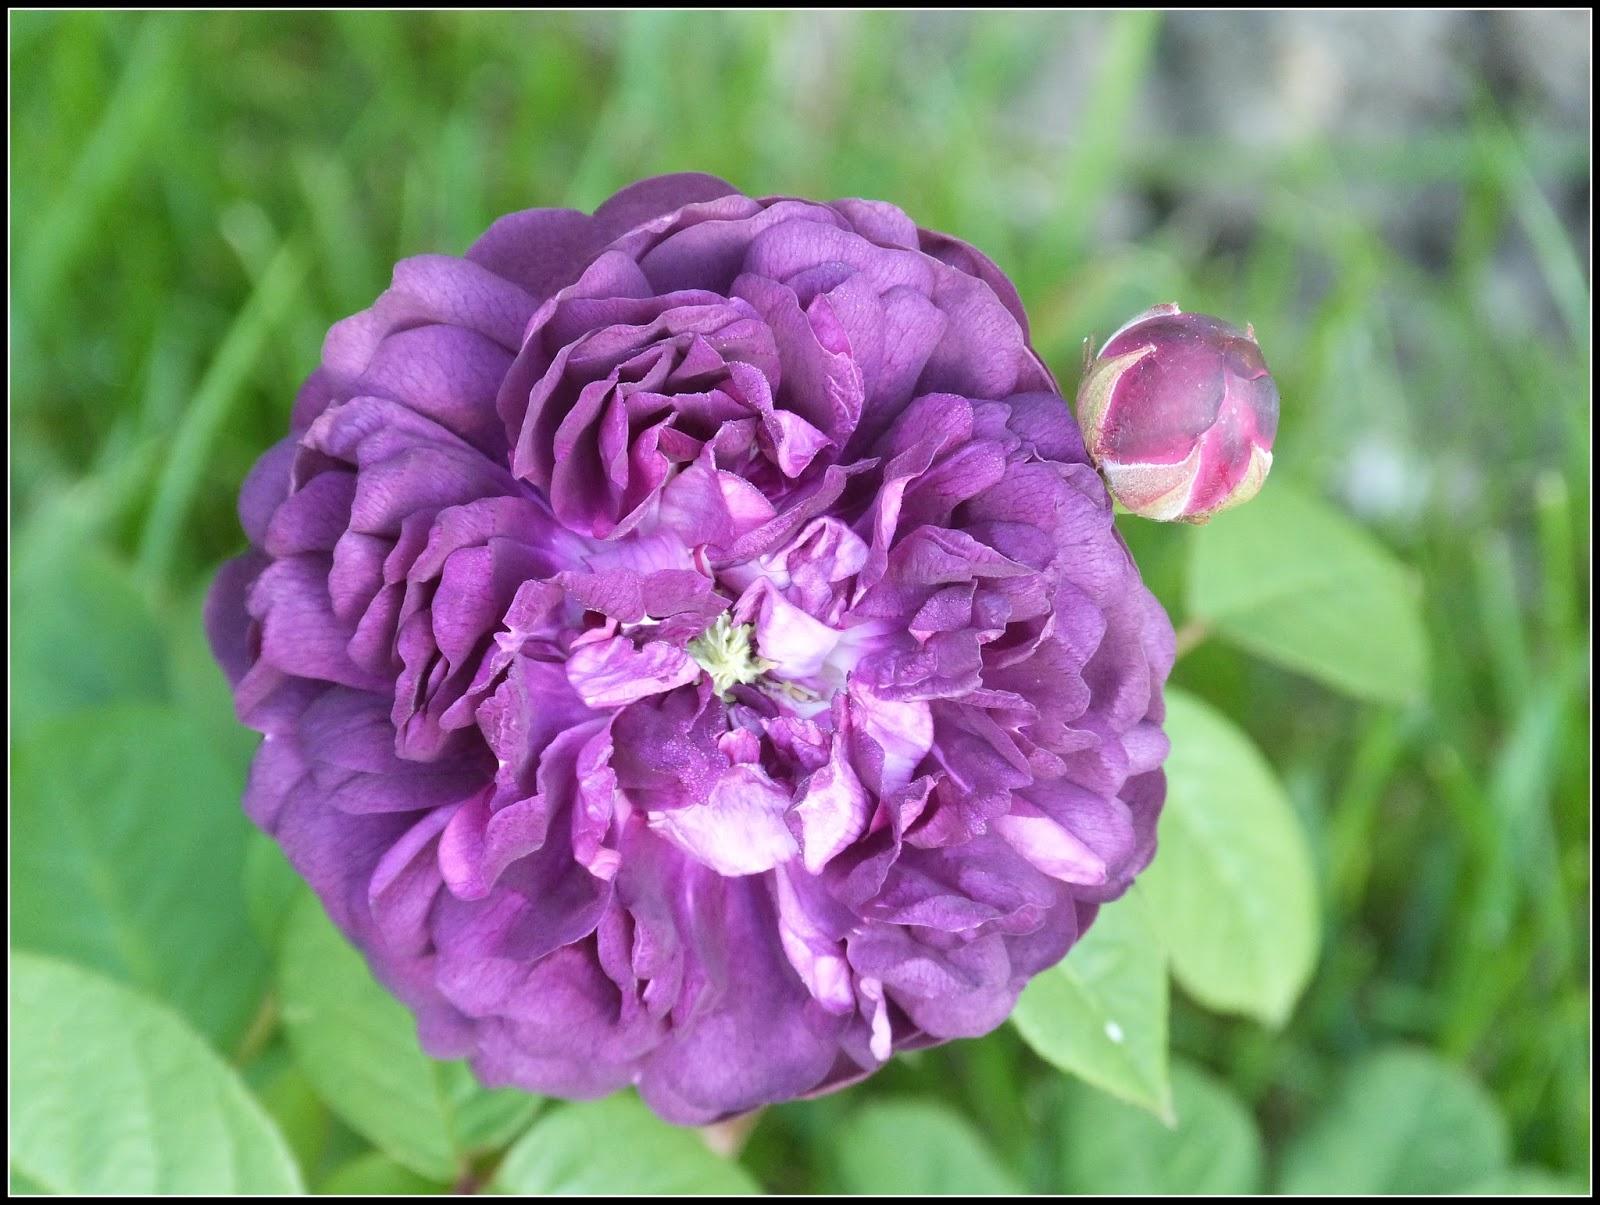 Un jardin des fleurs bilan sur mes rosiers non remontants - Taille des framboisiers non remontants ...